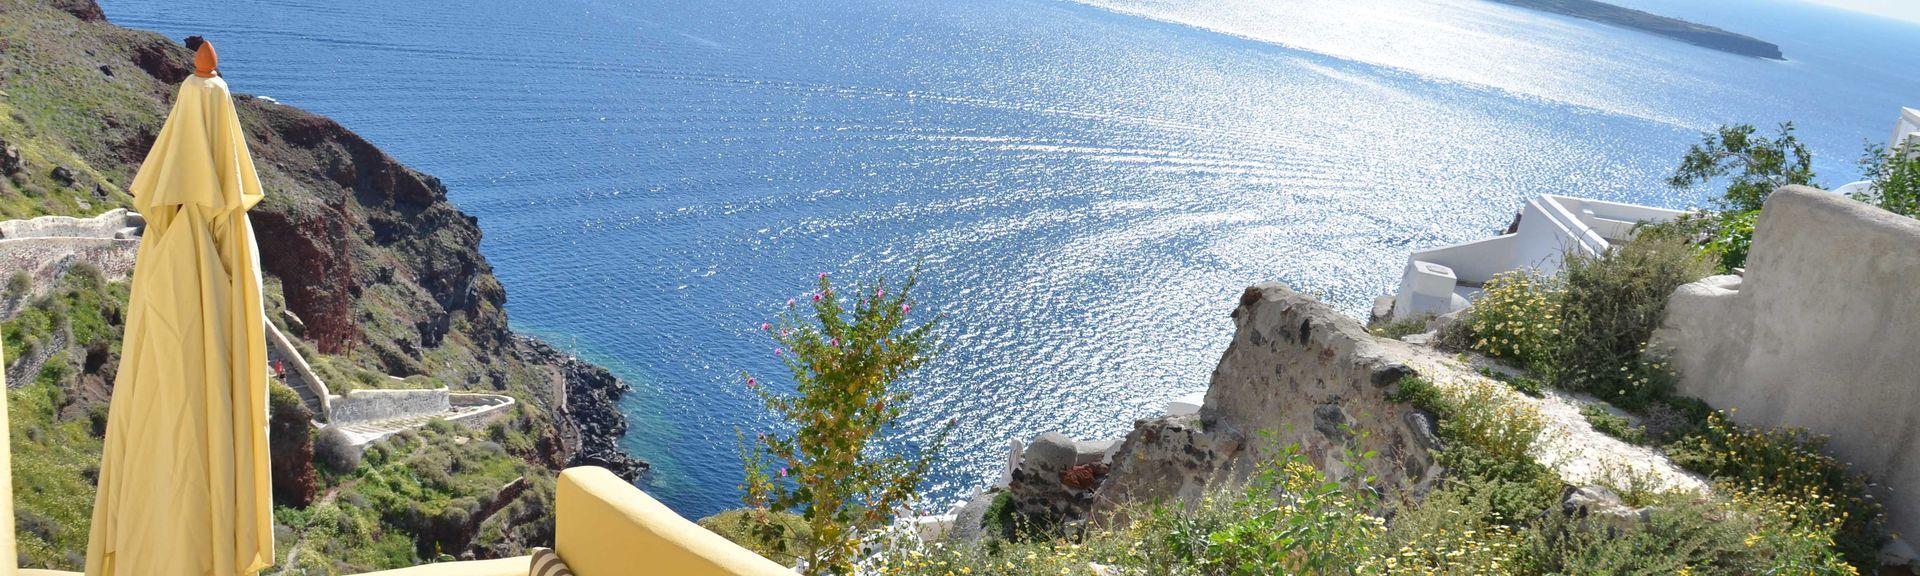 Περίσσα, Νησιά του Αιγαίου, Ελλάδα